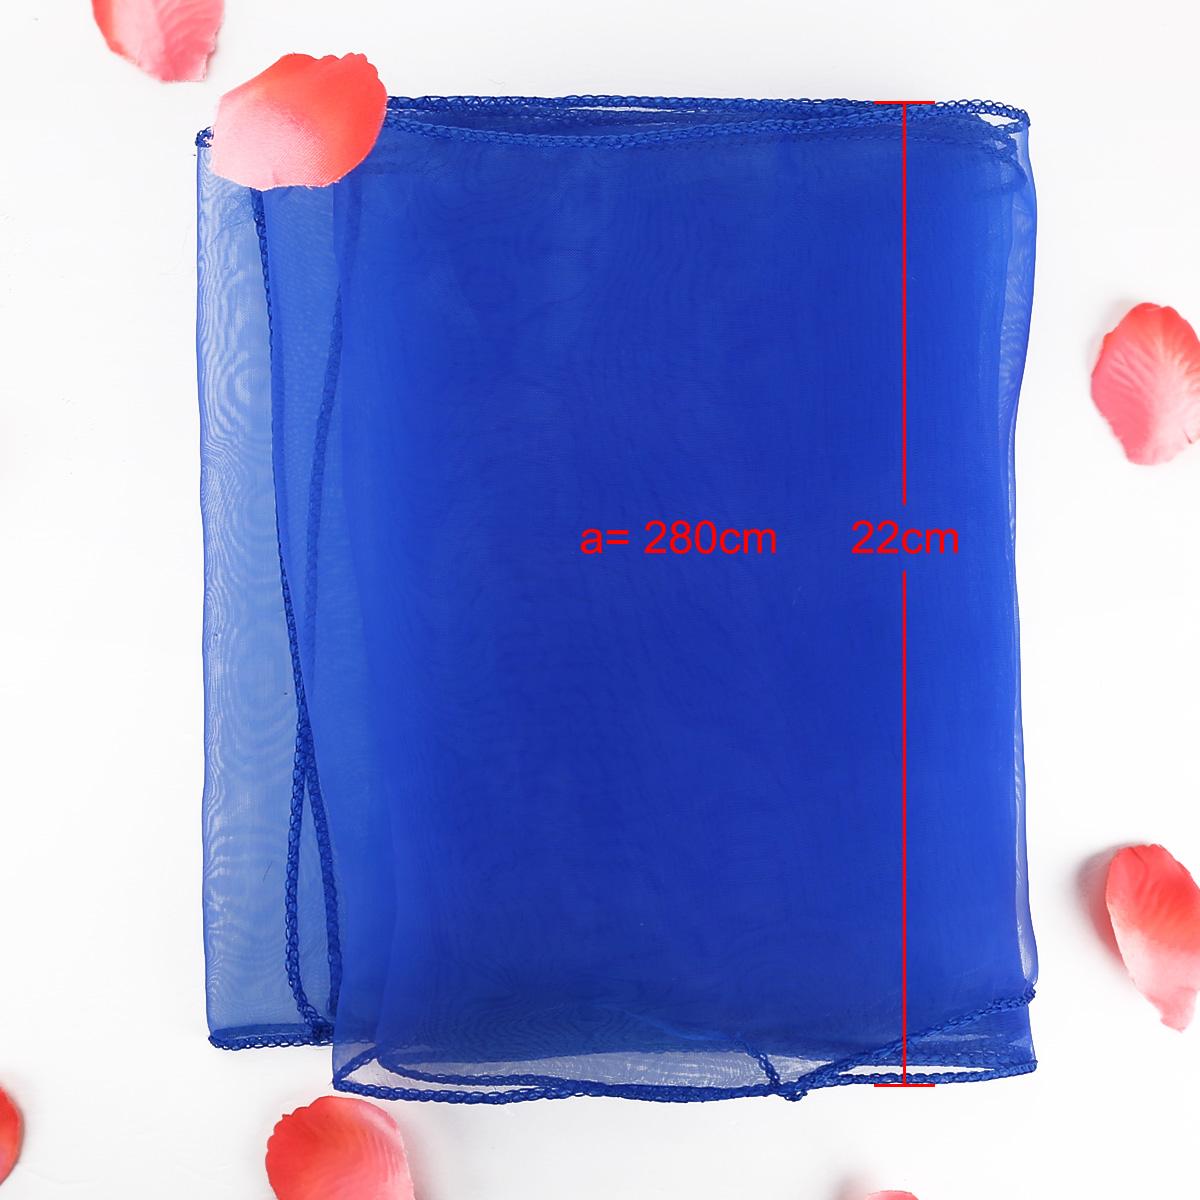 10 x k nig blau organza stuhlschleife schleife stuhlhussen stuhlschleifen hussen ebay. Black Bedroom Furniture Sets. Home Design Ideas